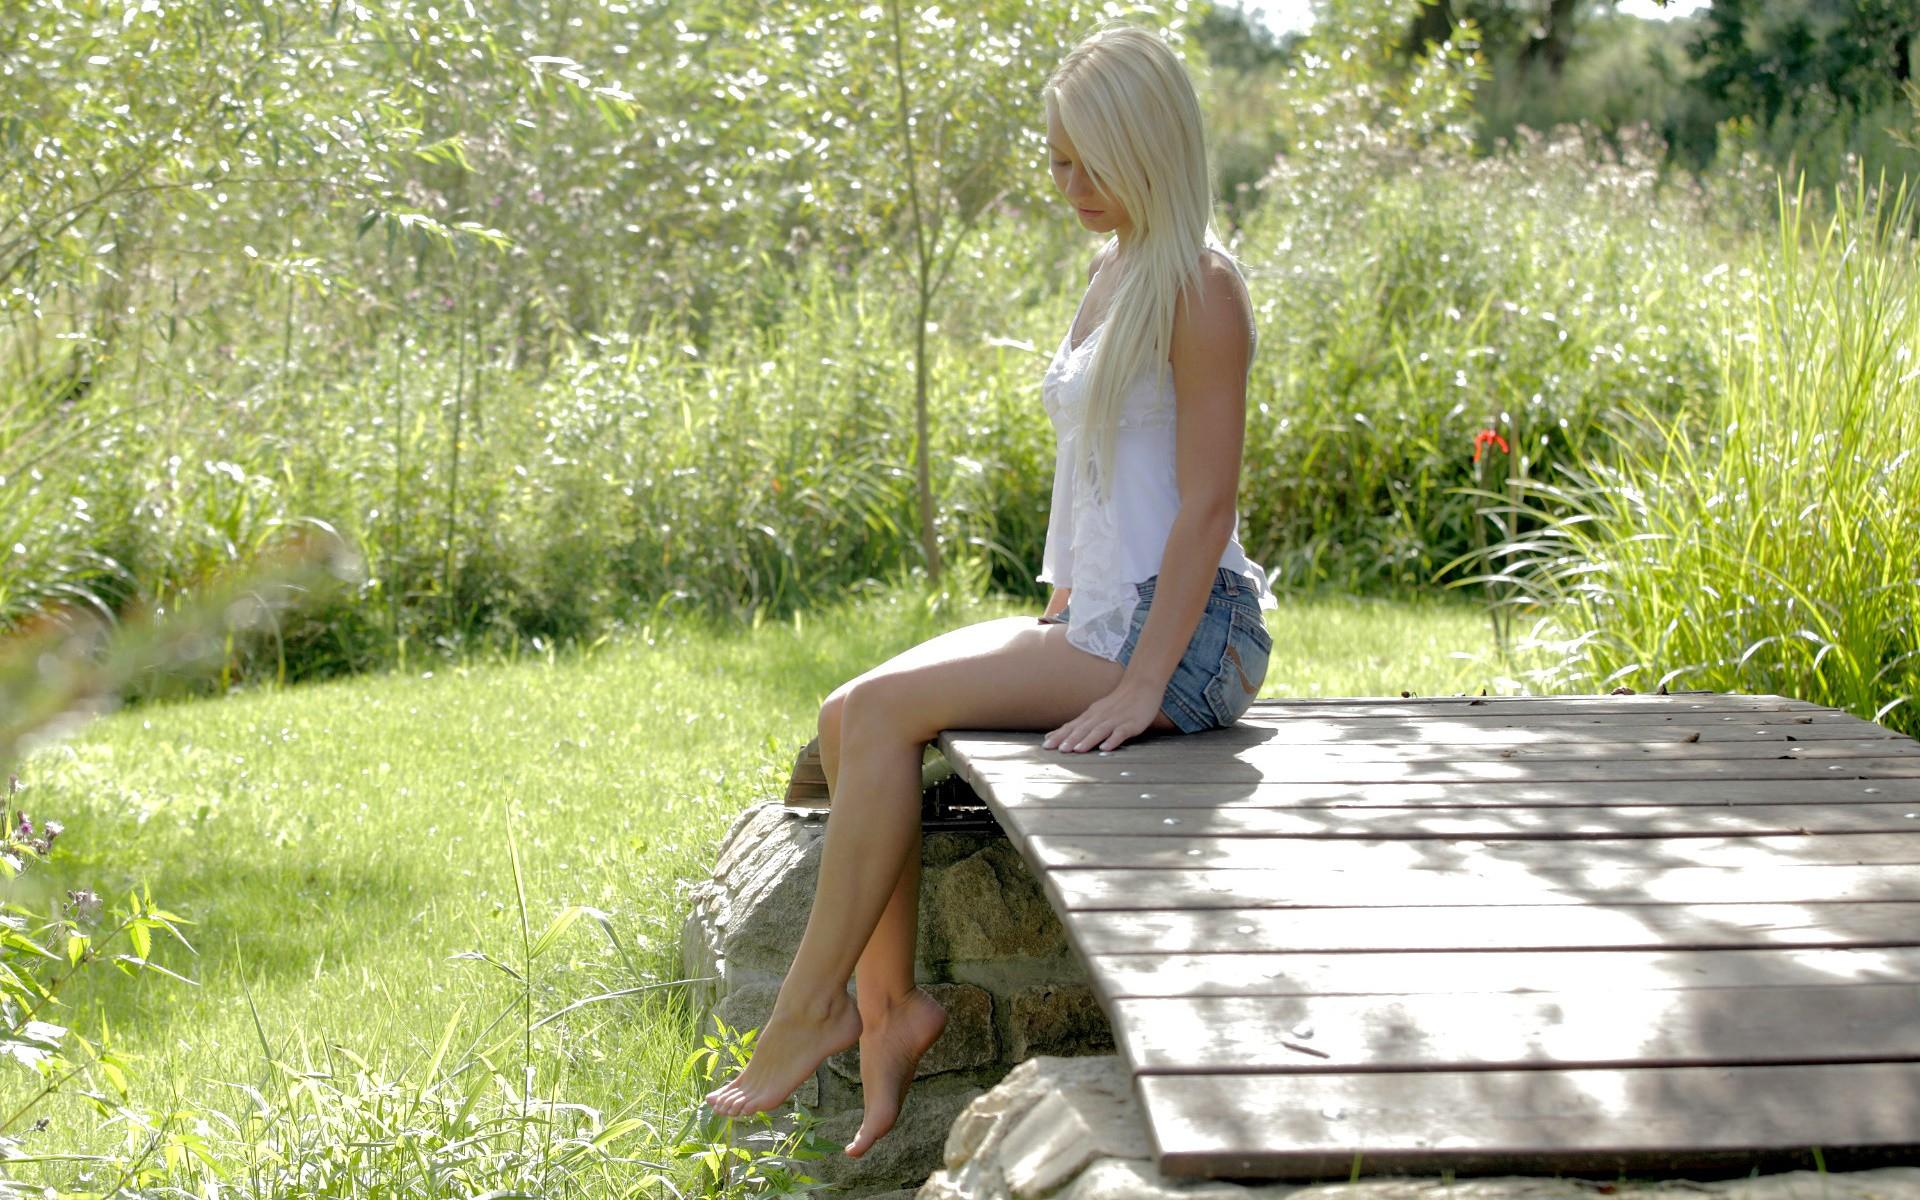 Секс девушки на природе россия, Порно на природе летом, секс на природе бесплатно на 8 фотография